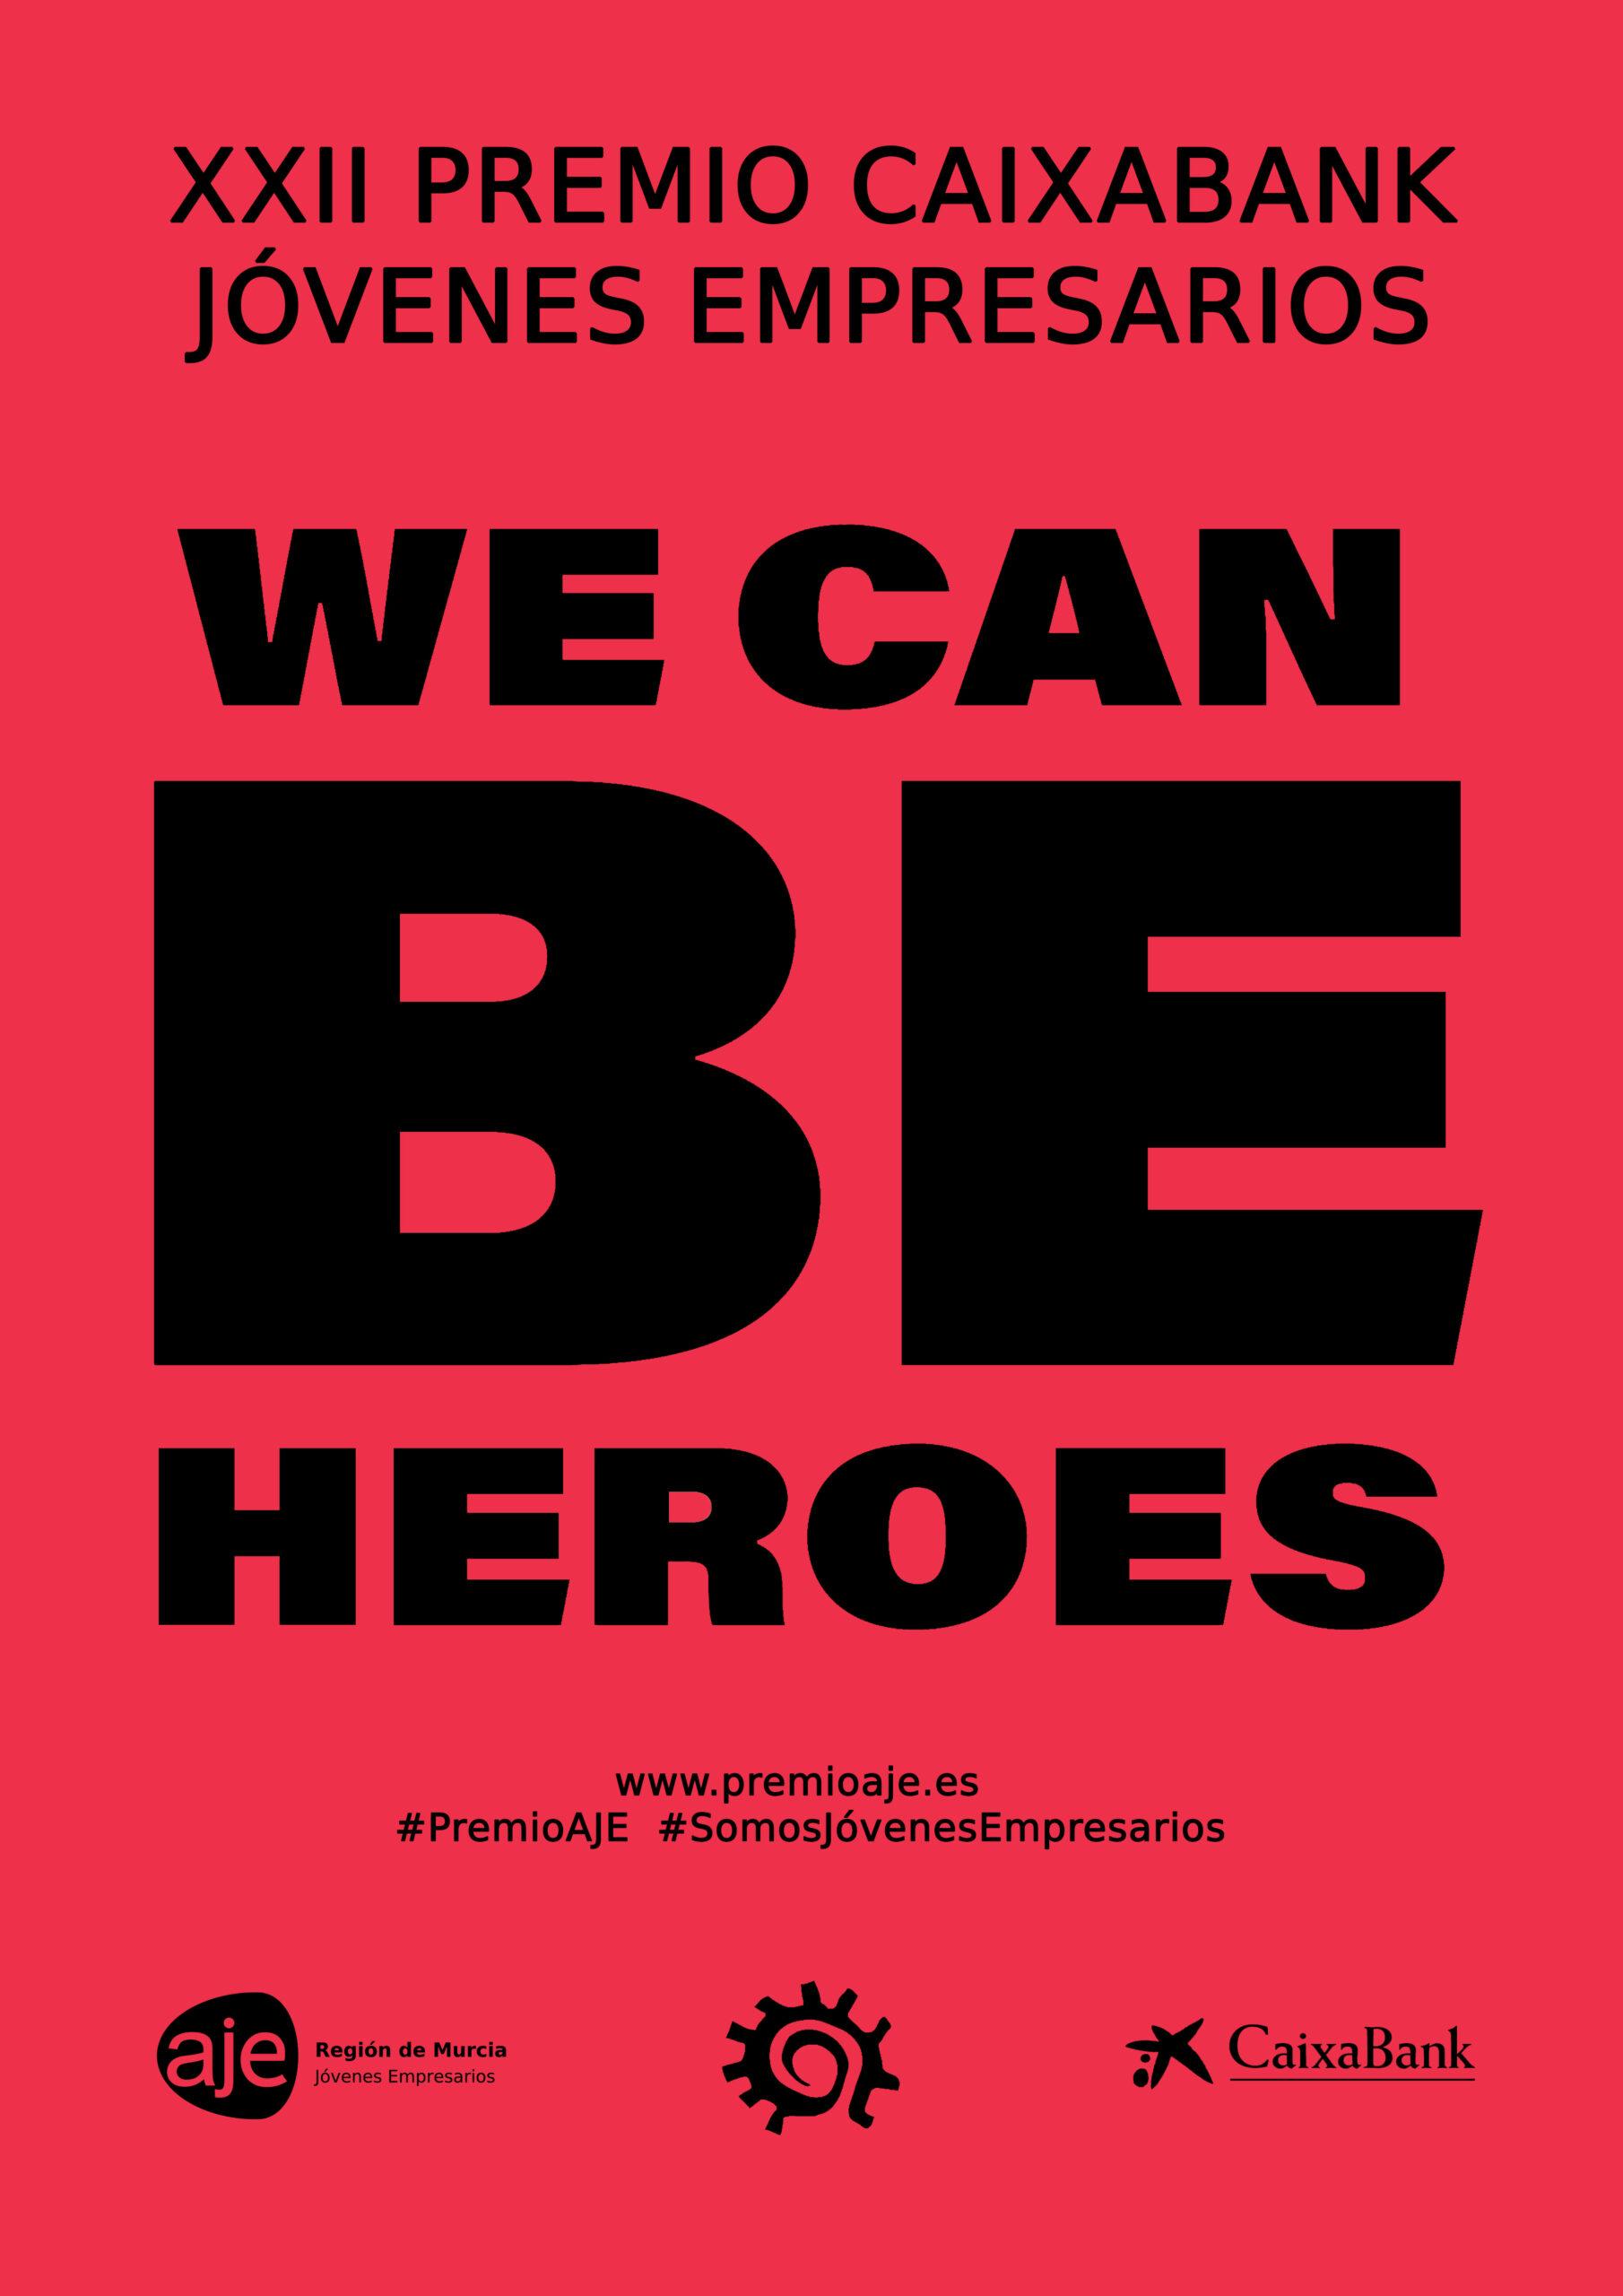 Premios Heroes Joven Empresario Bankia